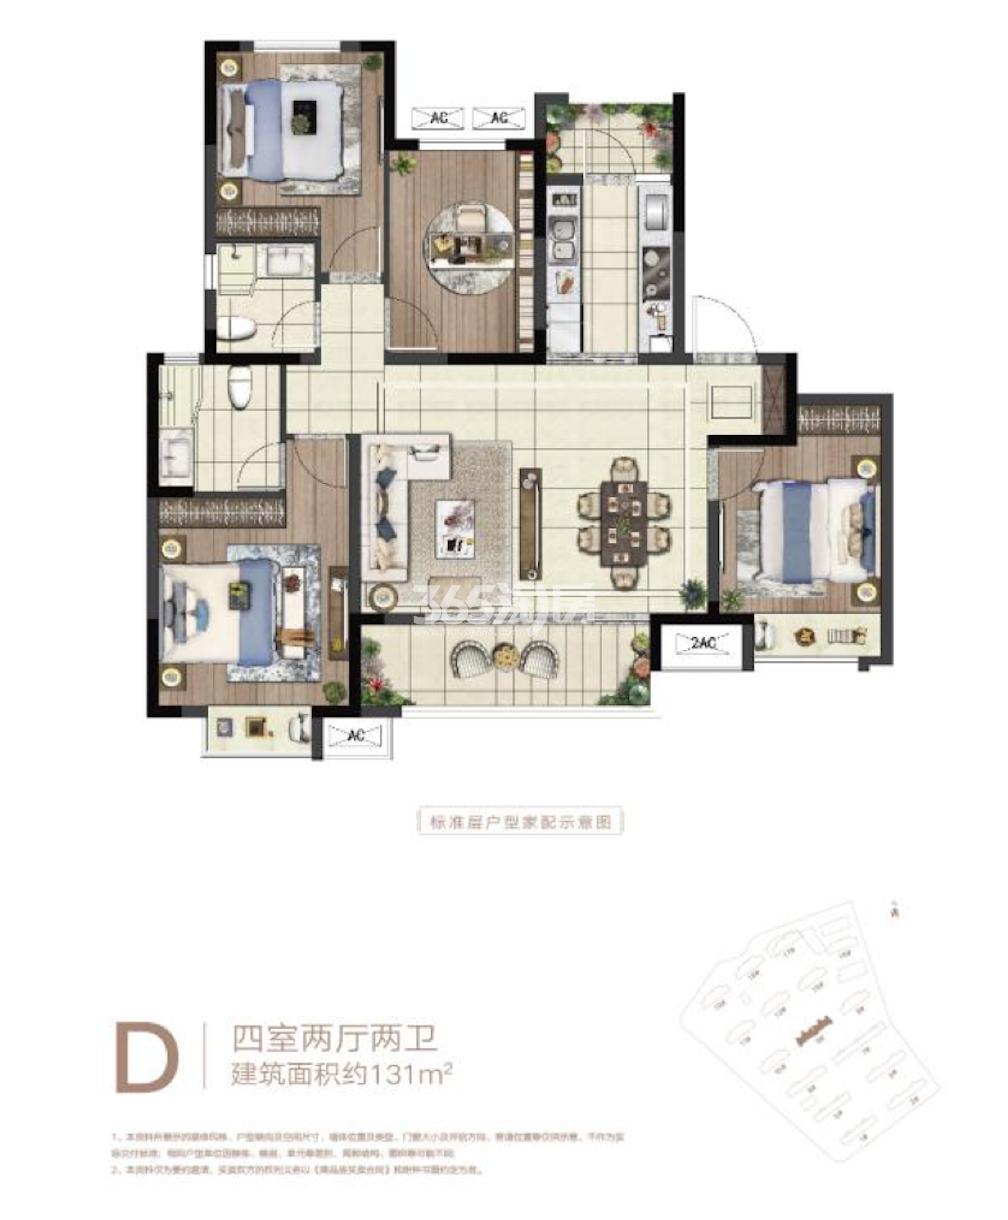 中南上悦诗苑高层131平户型